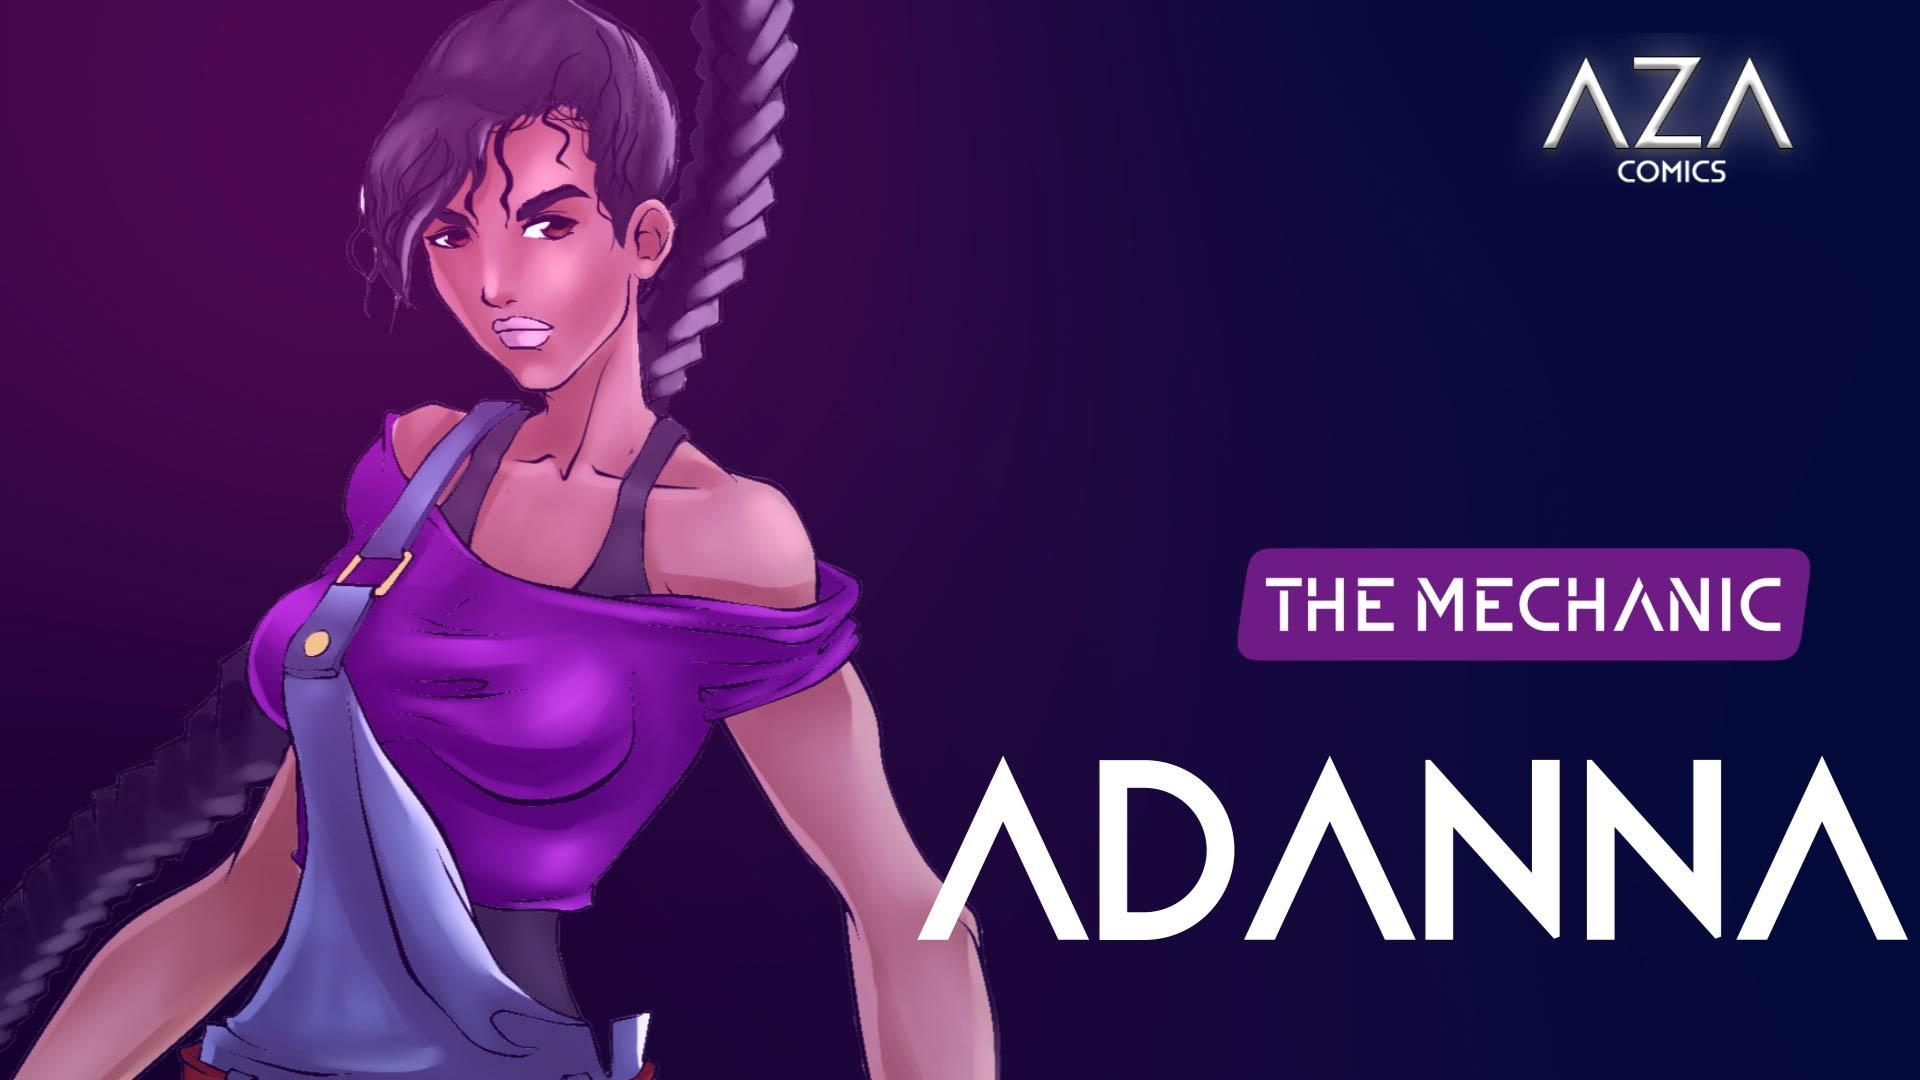 Meet Adanna!